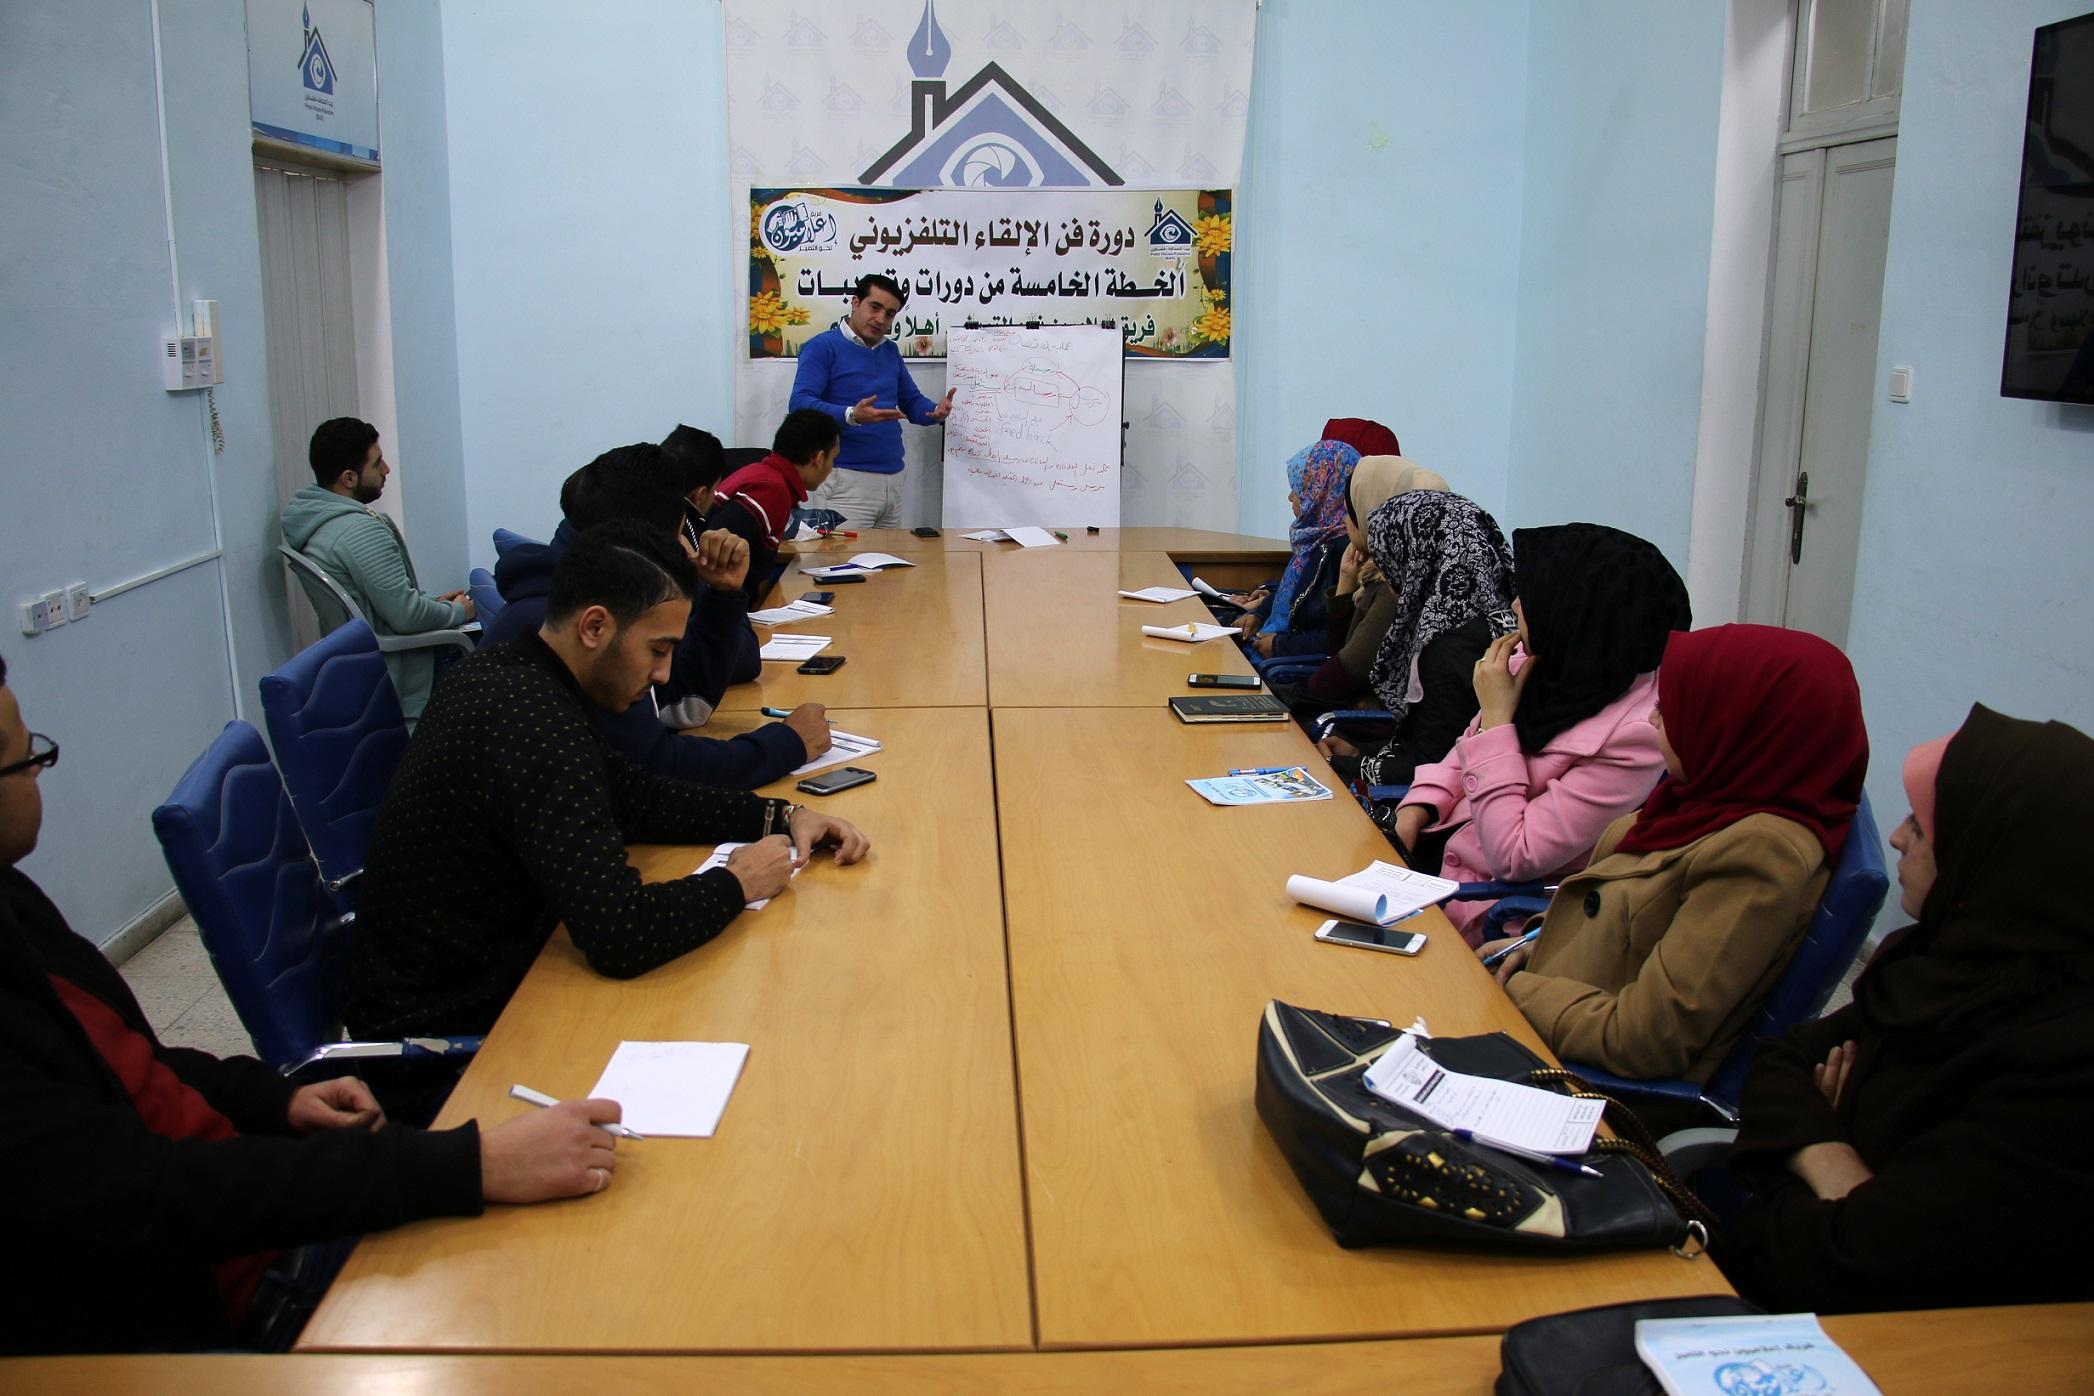 فريق إعلاميون نحو التميز يختتم دورة بعنوان إعداد وتقديم برامج تلفزيونية بالتعاون مع بيت الصحافة